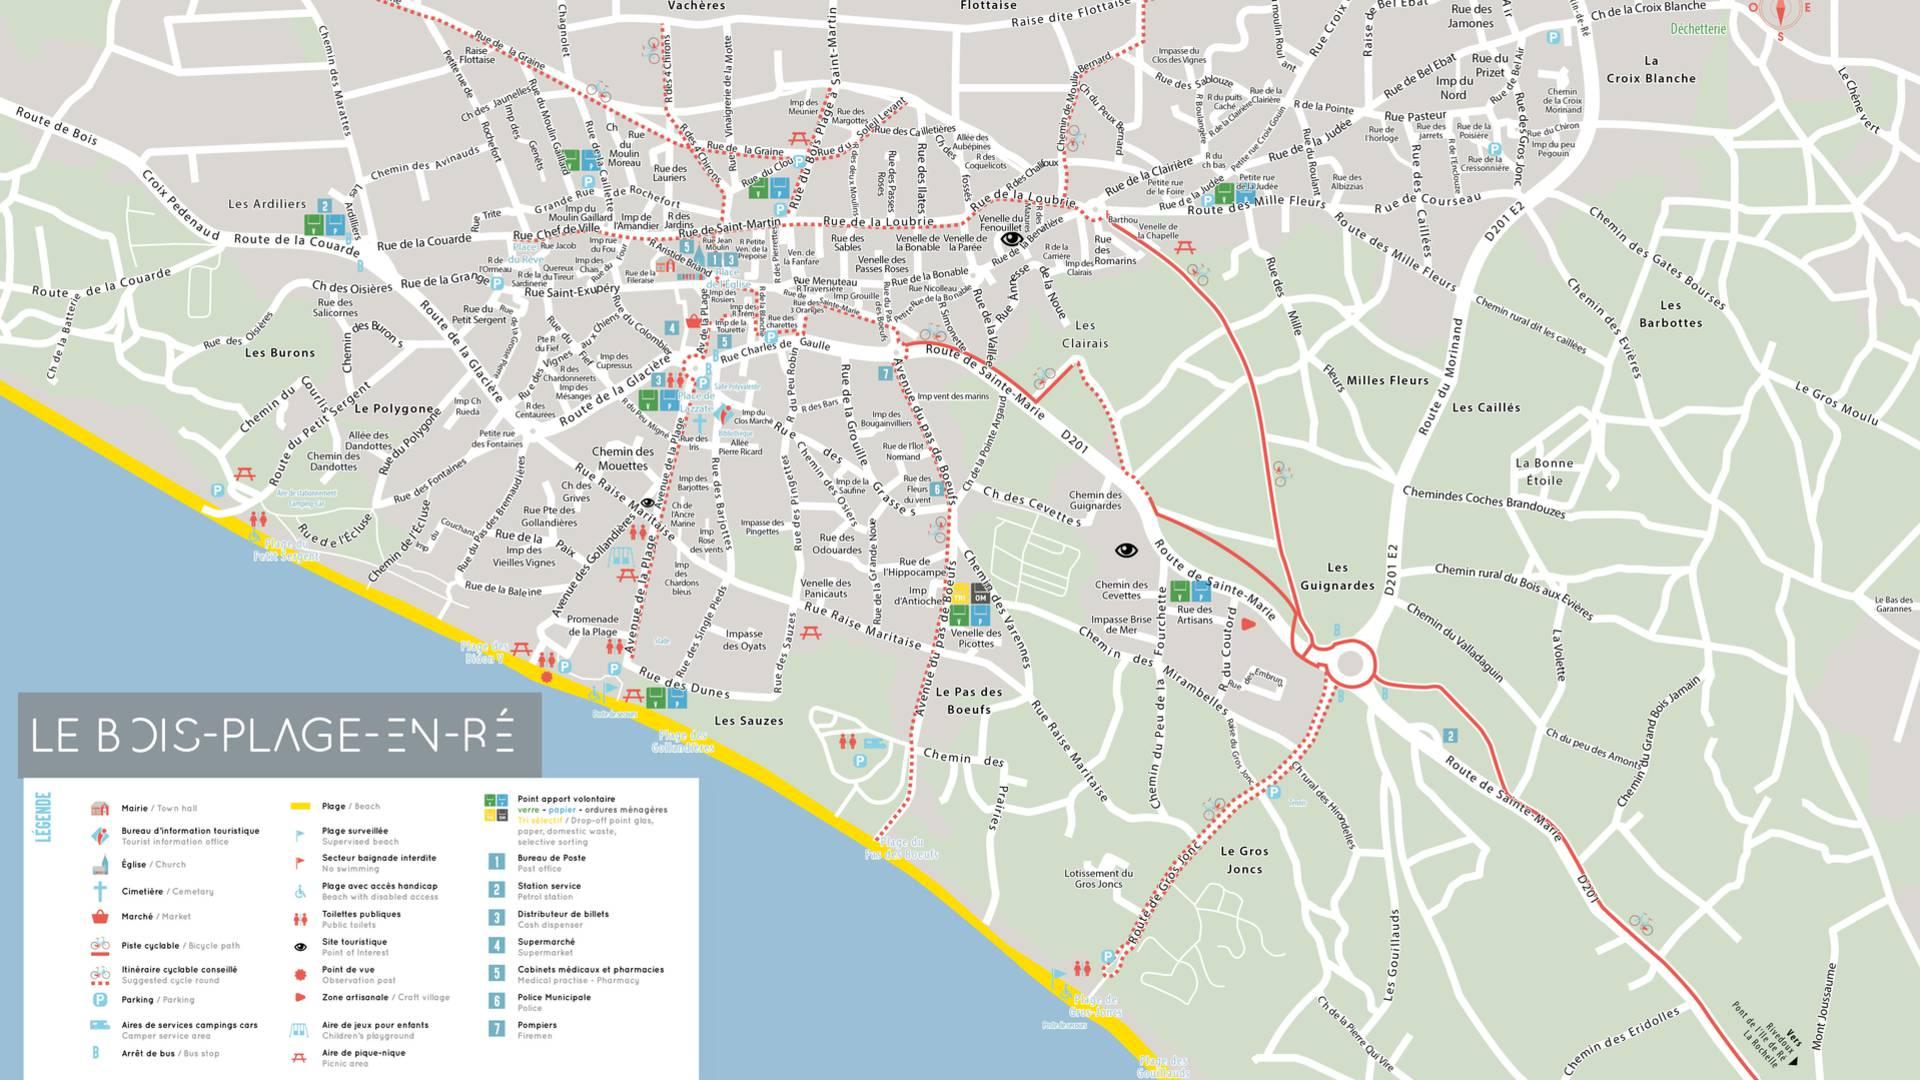 Plan Ile de Ré, Dorf Le-Bois-Plage-en-Ré